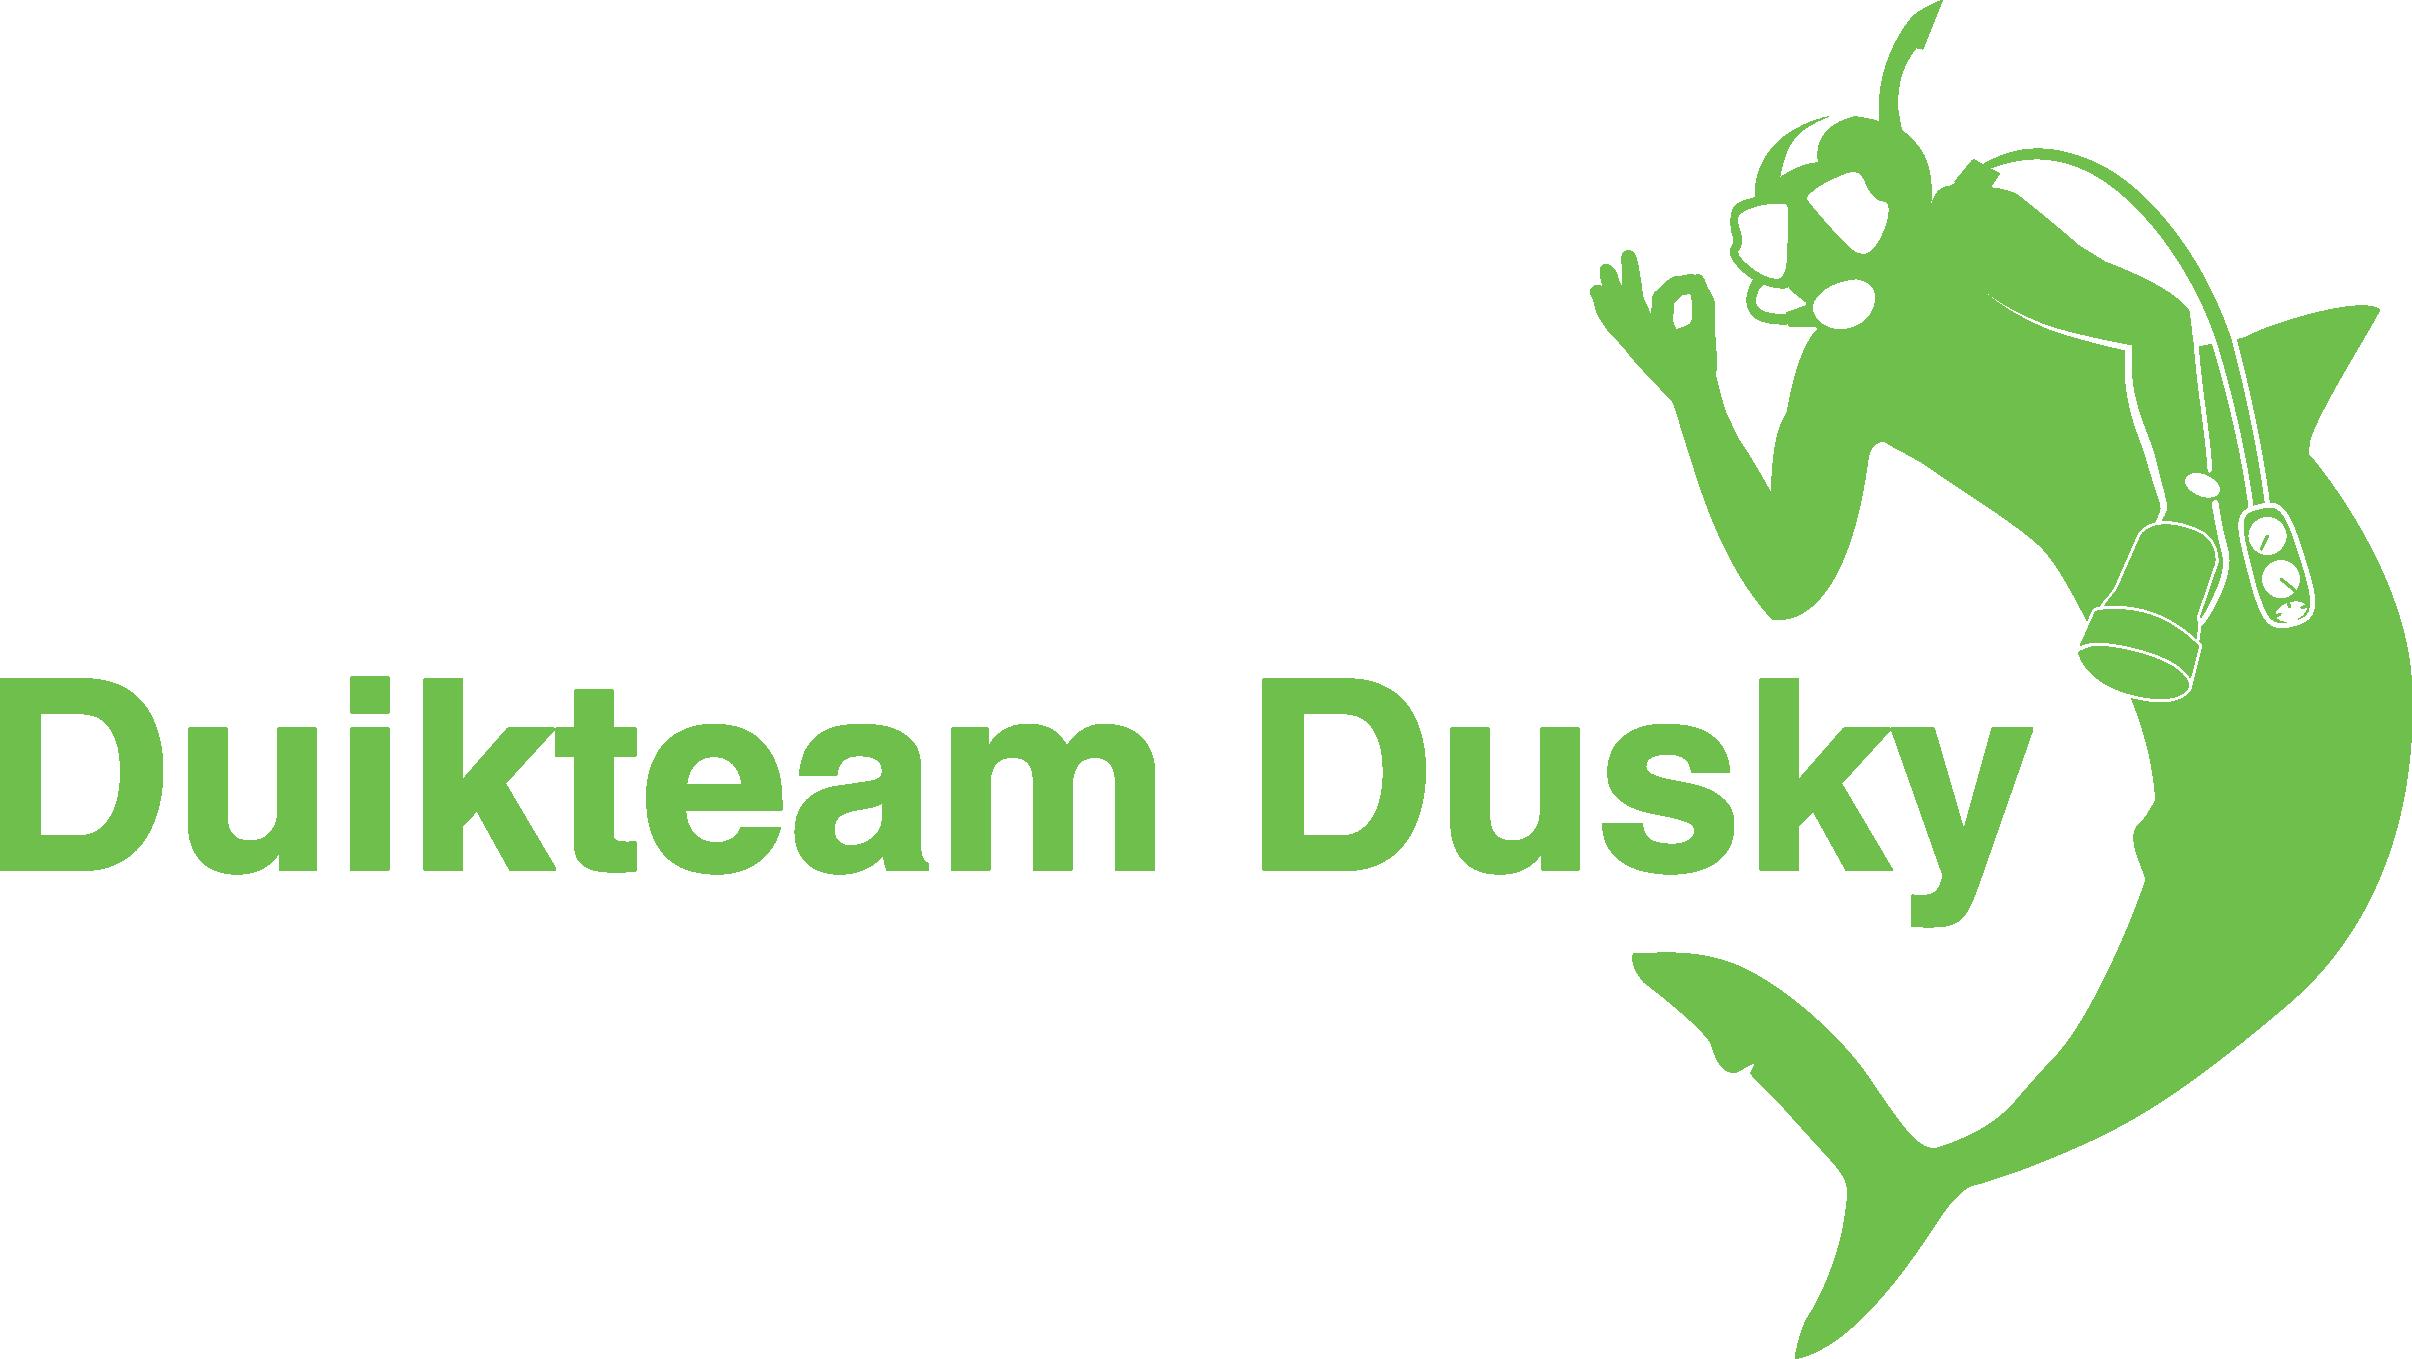 Duikteam Dusky